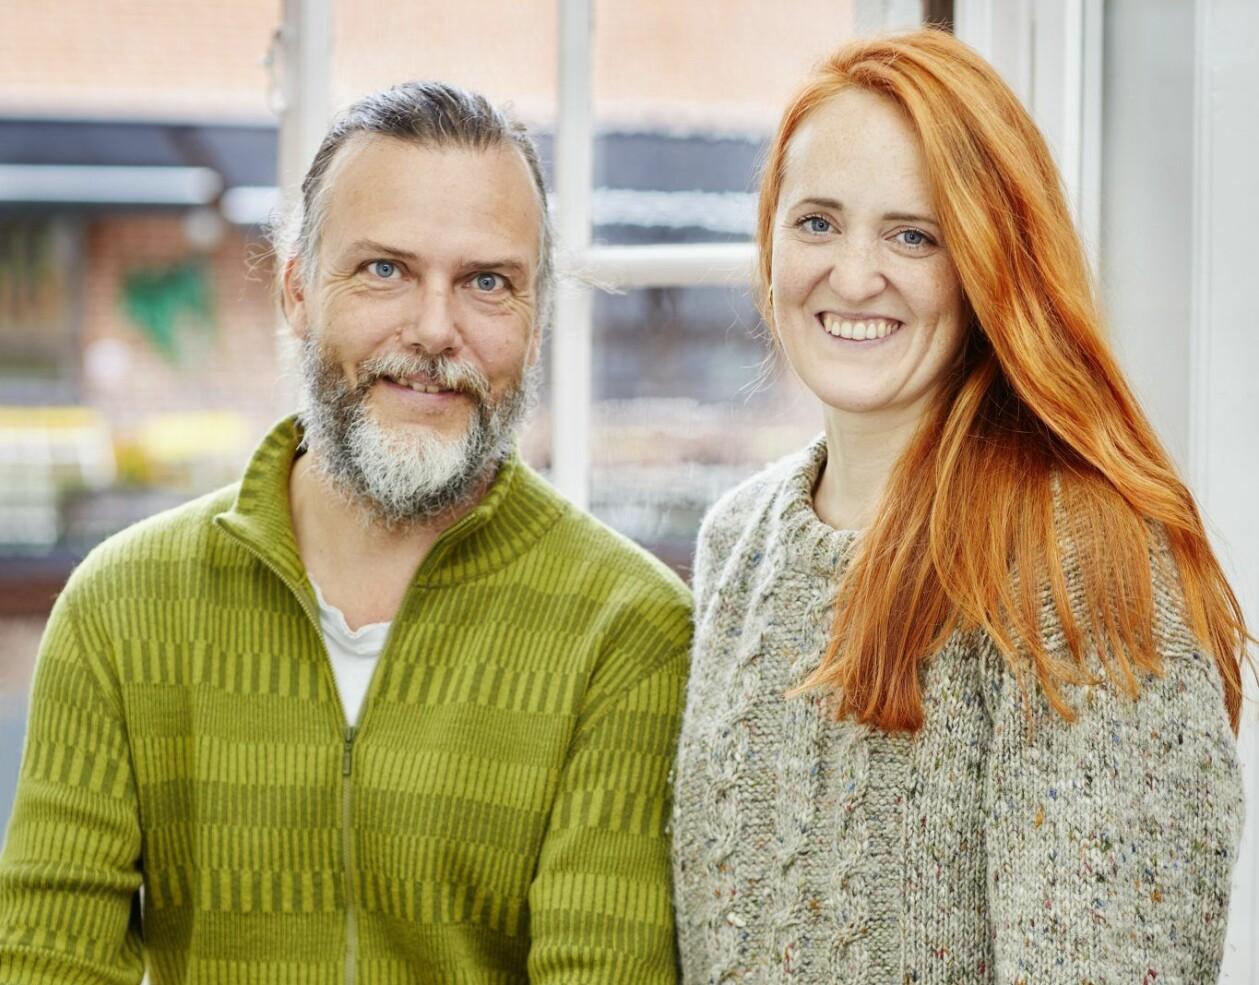 Författarna och vandringsexperterna Kenneth Joelsson och Ina Hildeman framför ett fönster.